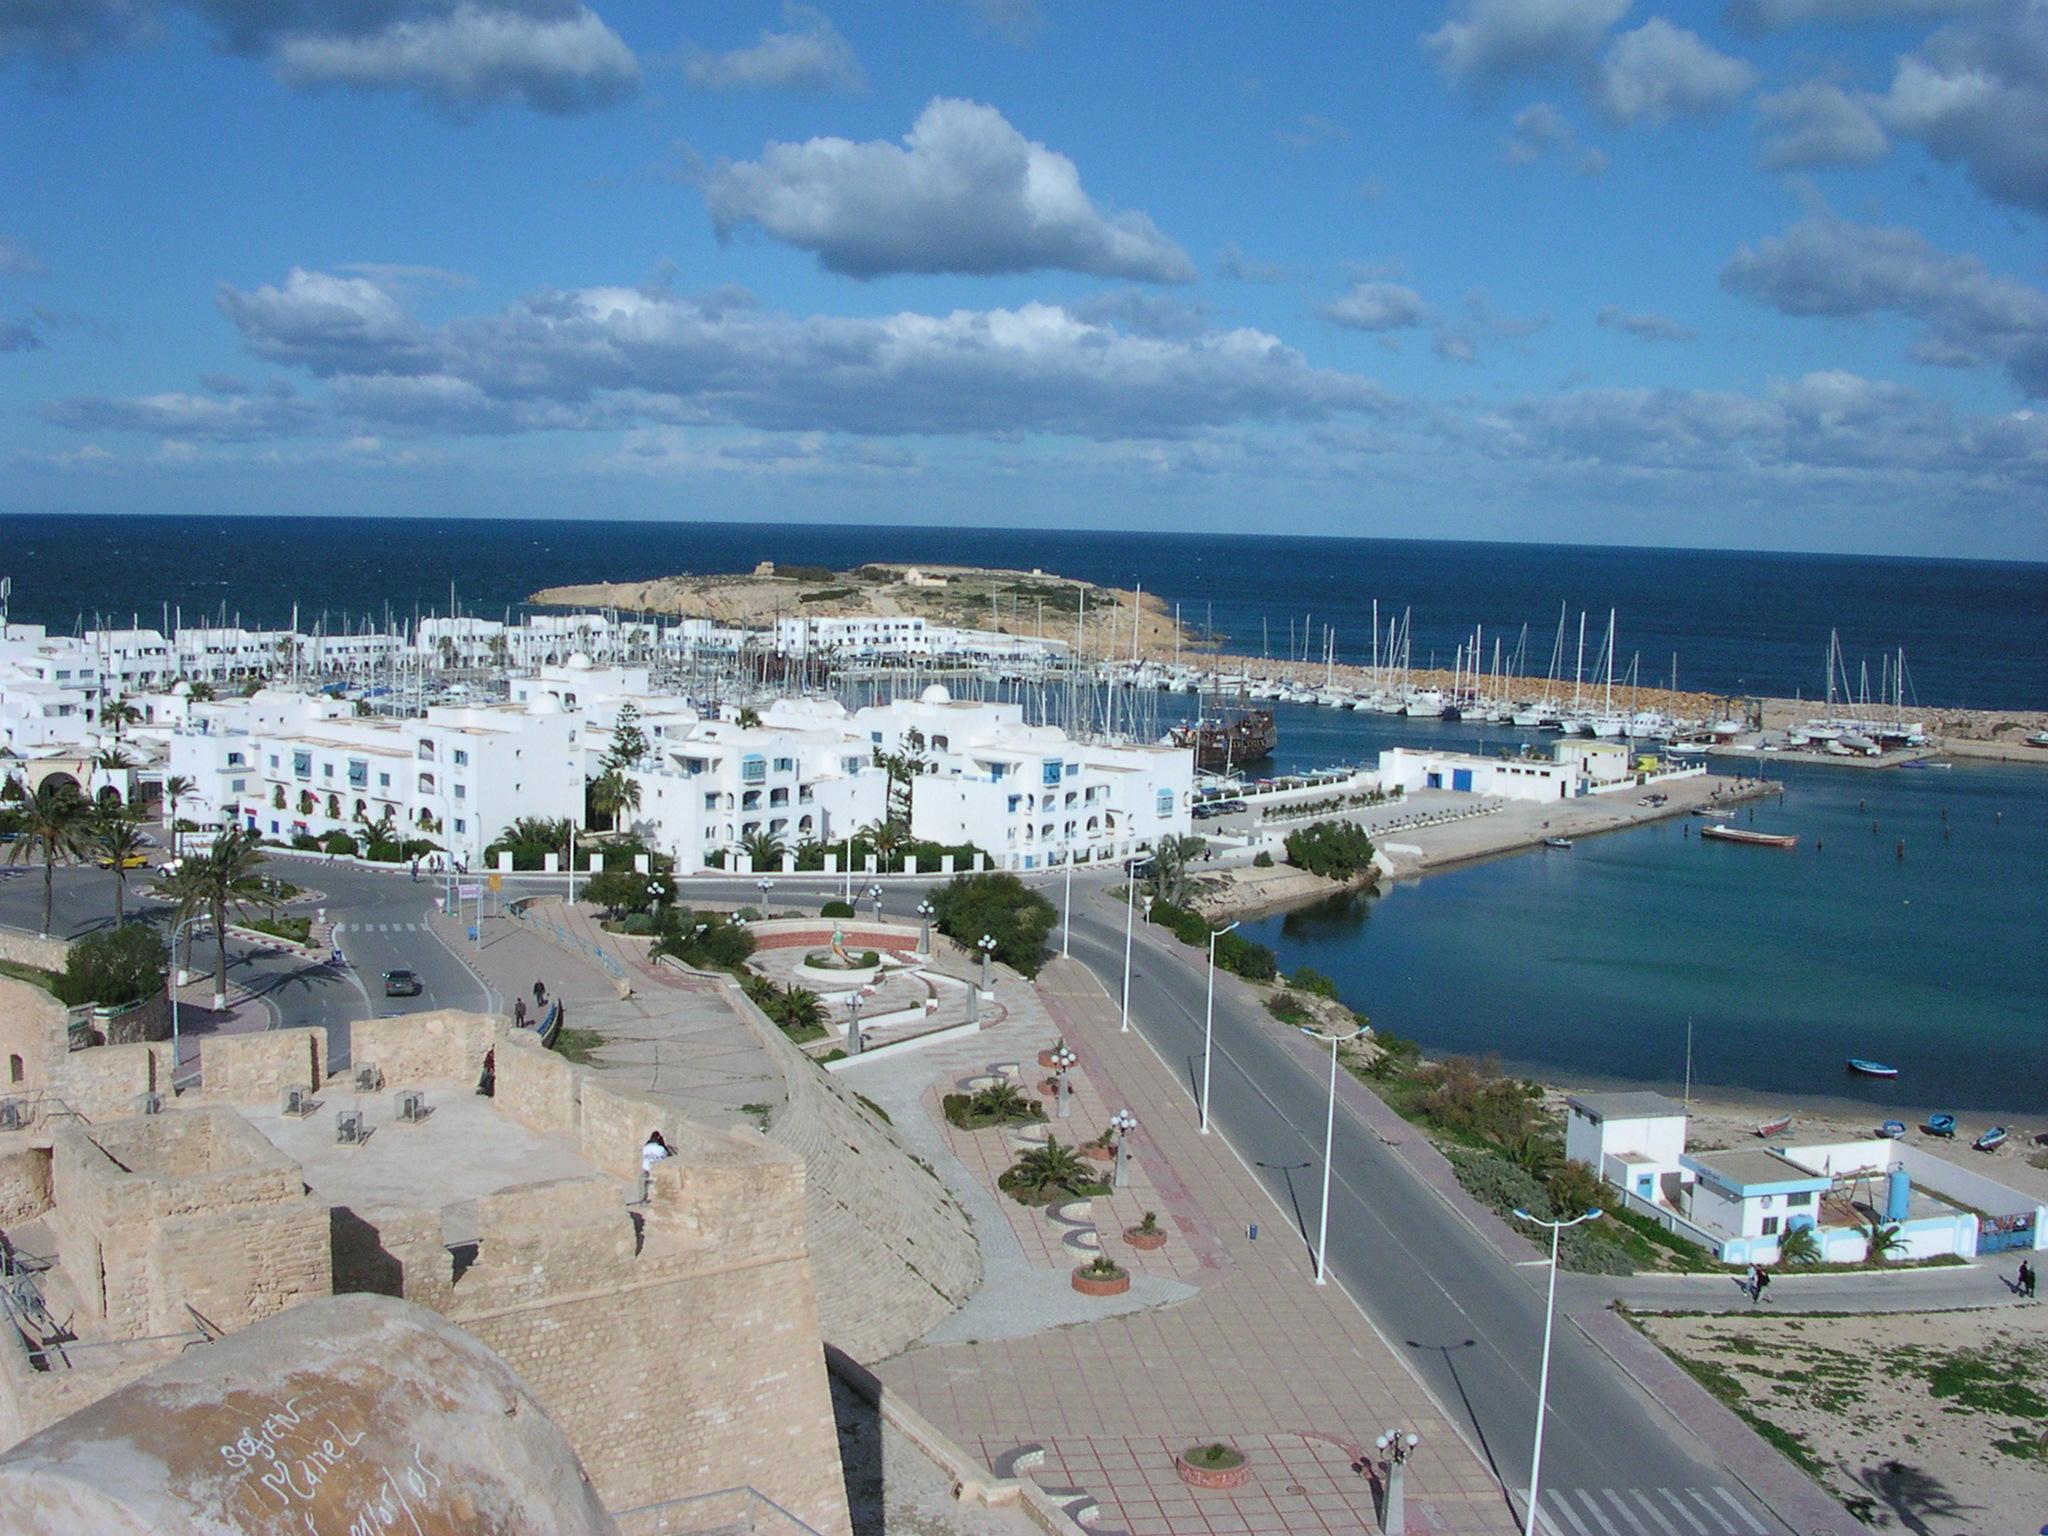 التعريف بتونس كبلد سياحي المعلومات Port_de_plaisance,_Monastir.jpg